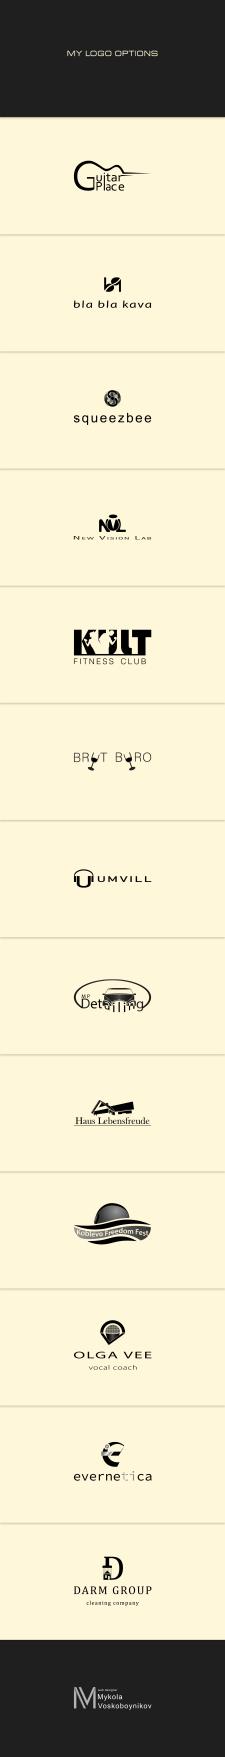 Разработанные мной логотипы